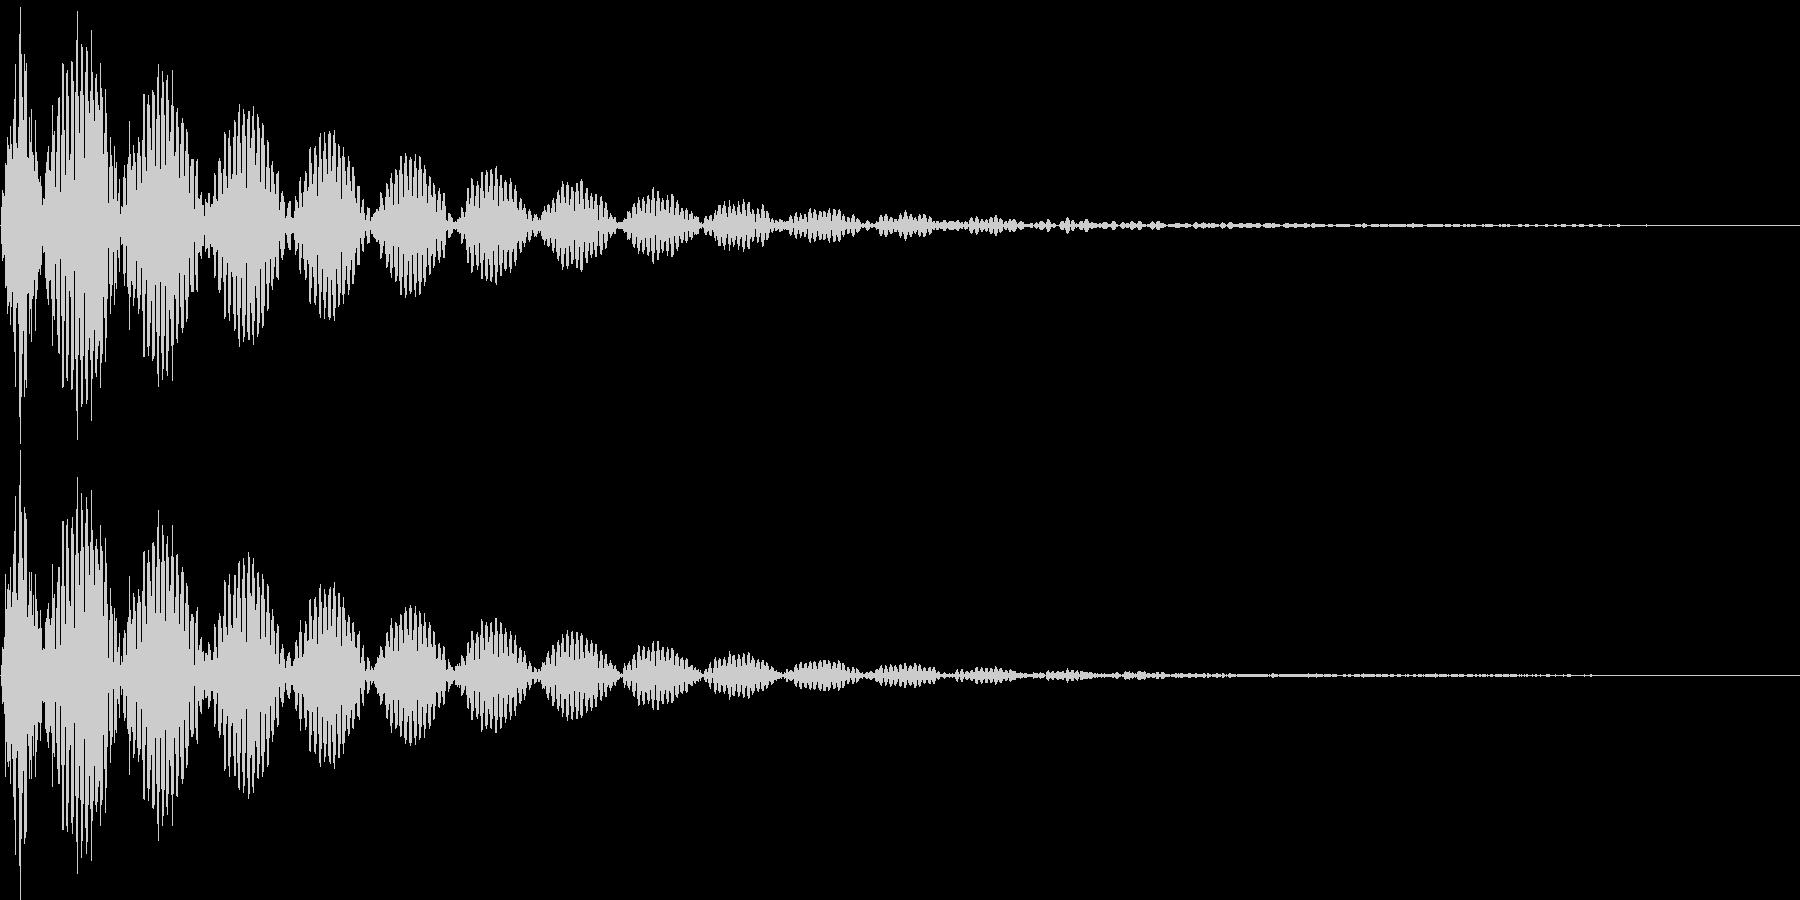 デン(キャンセル、失敗、行き止まり)の未再生の波形